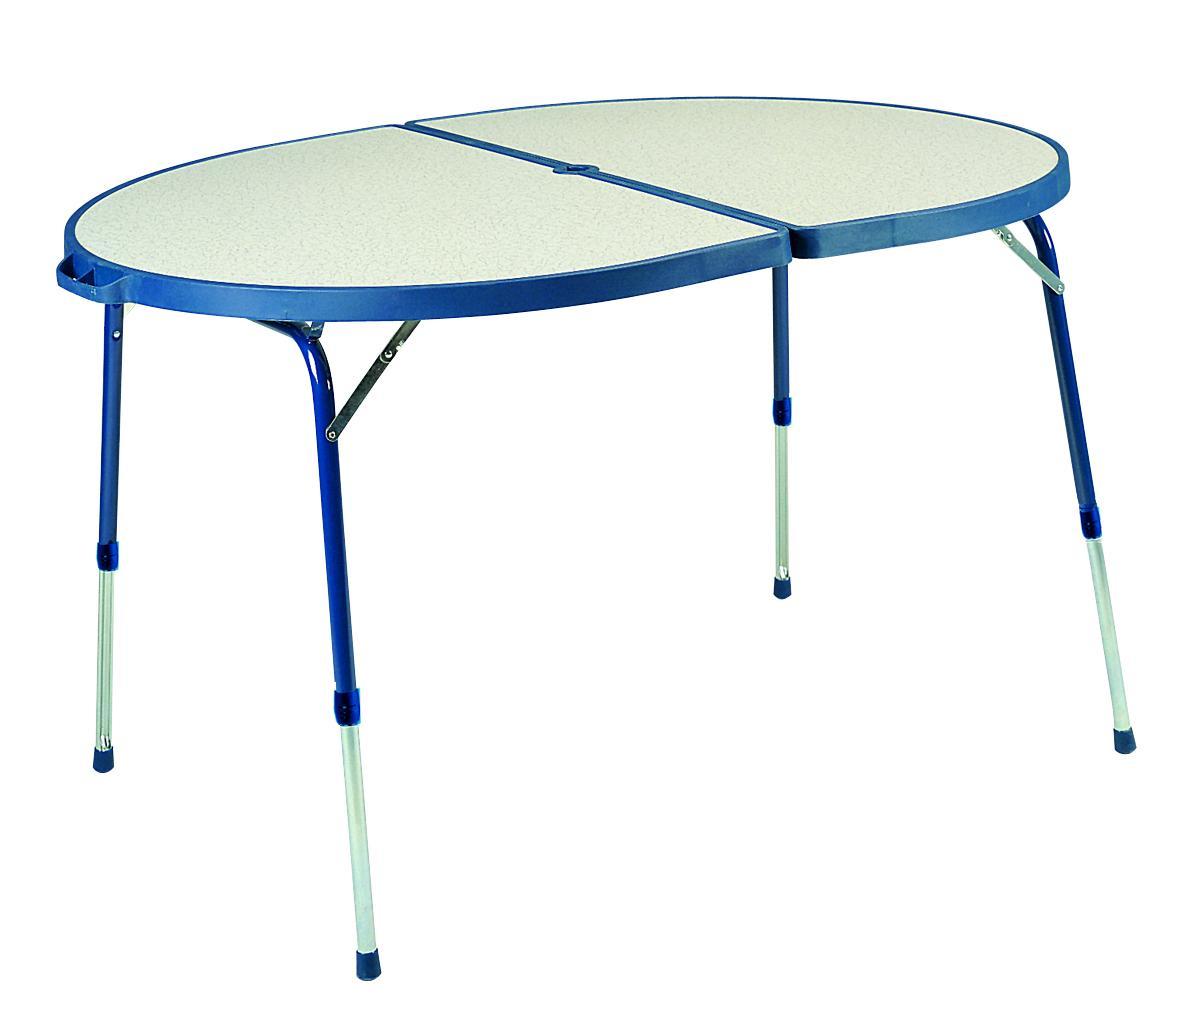 Foto crespo mesa de camping mesa plegable azul foto 222405 - Mesa plegable camping carrefour ...